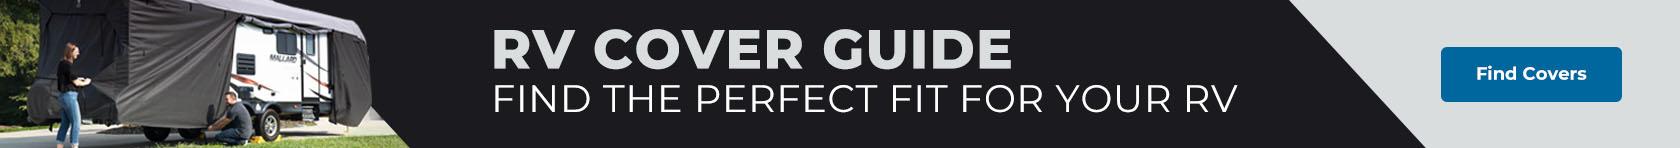 RV Cover Guide